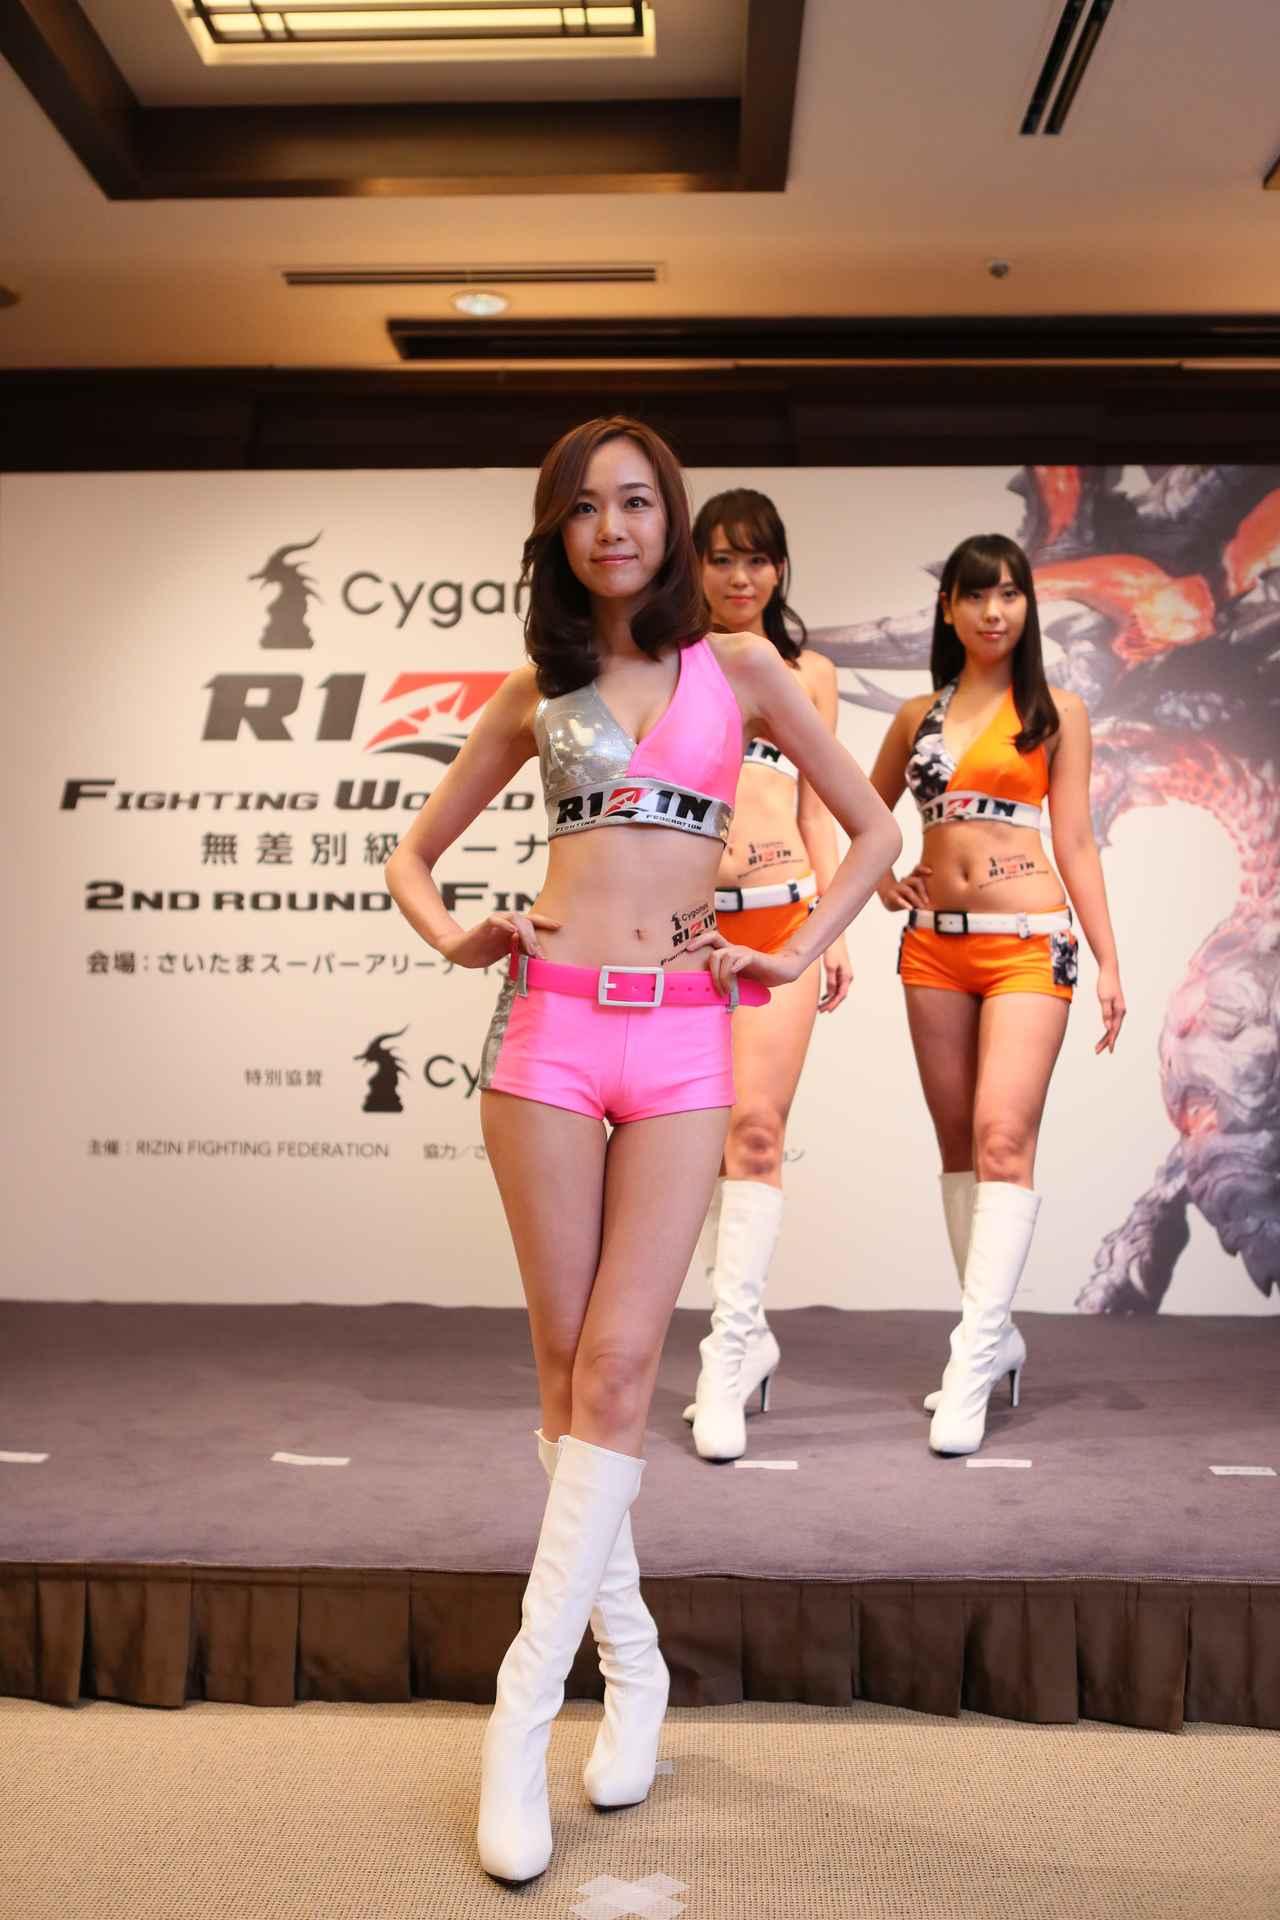 画像4: RIZINガール 7人の新メンバー! 無差別級トーナメントのトロフィー&ベルトお披露目!!